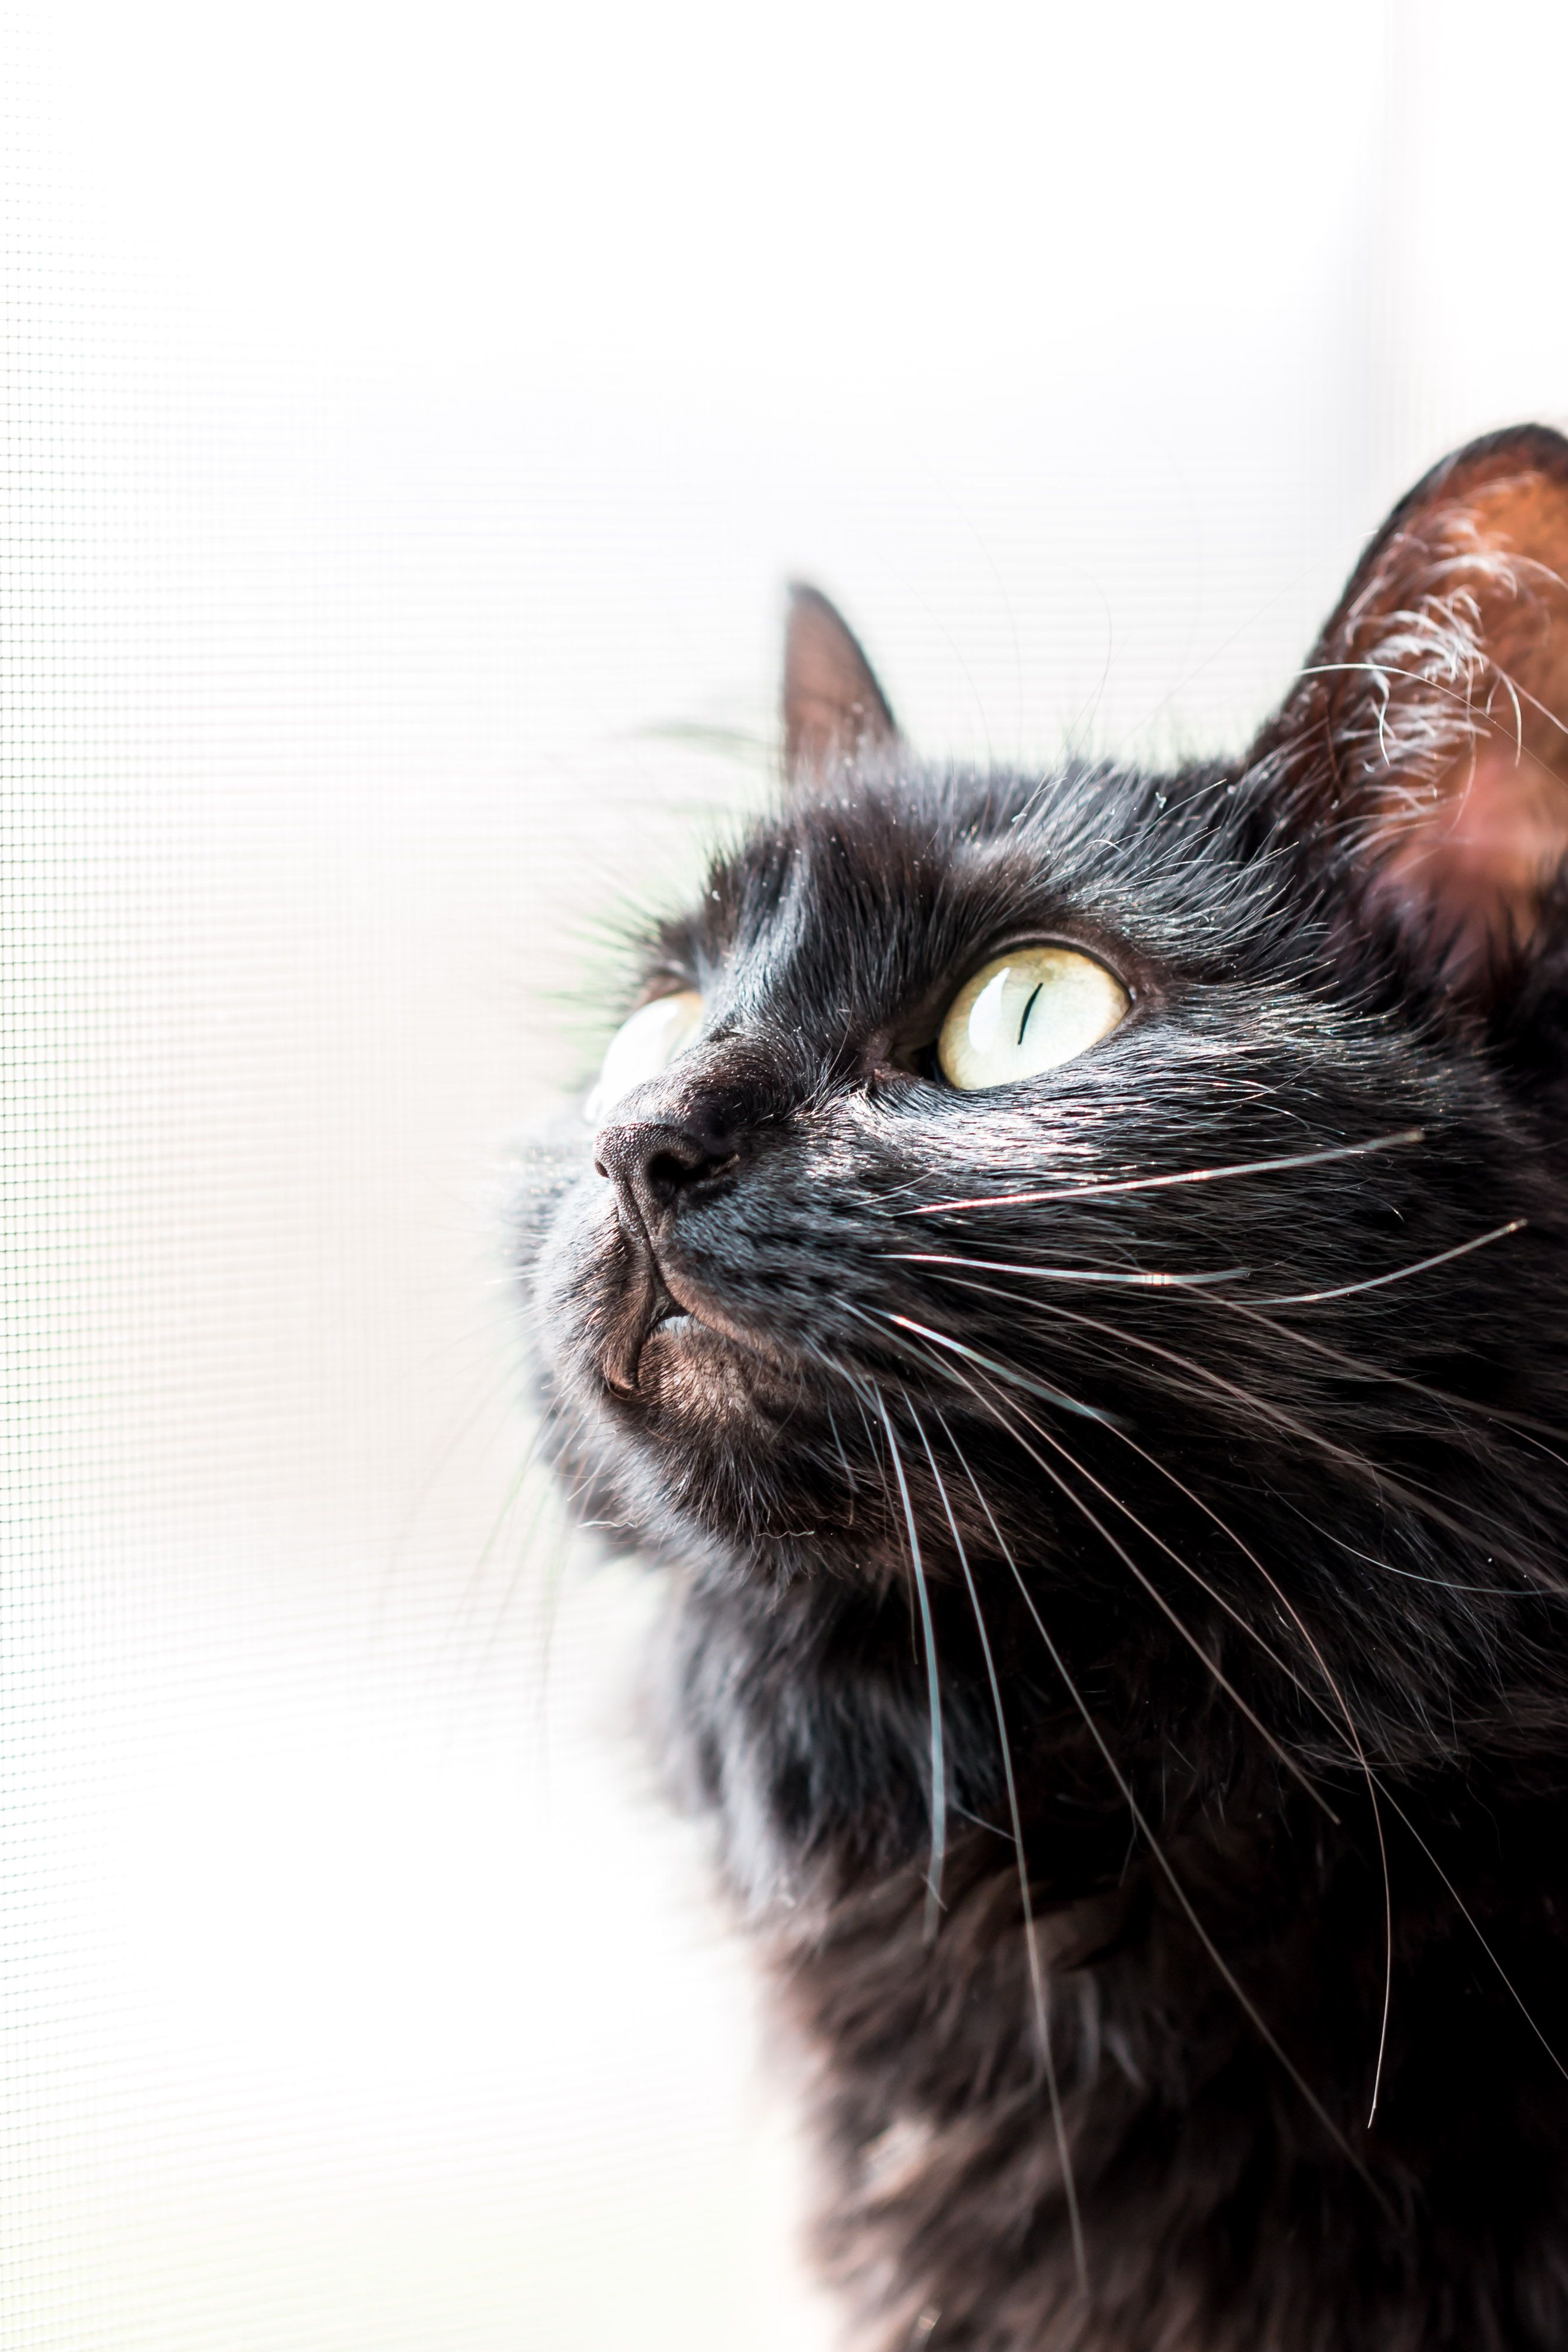 Kalhi 2020 03 In 2020 Geraniums Animals Cats